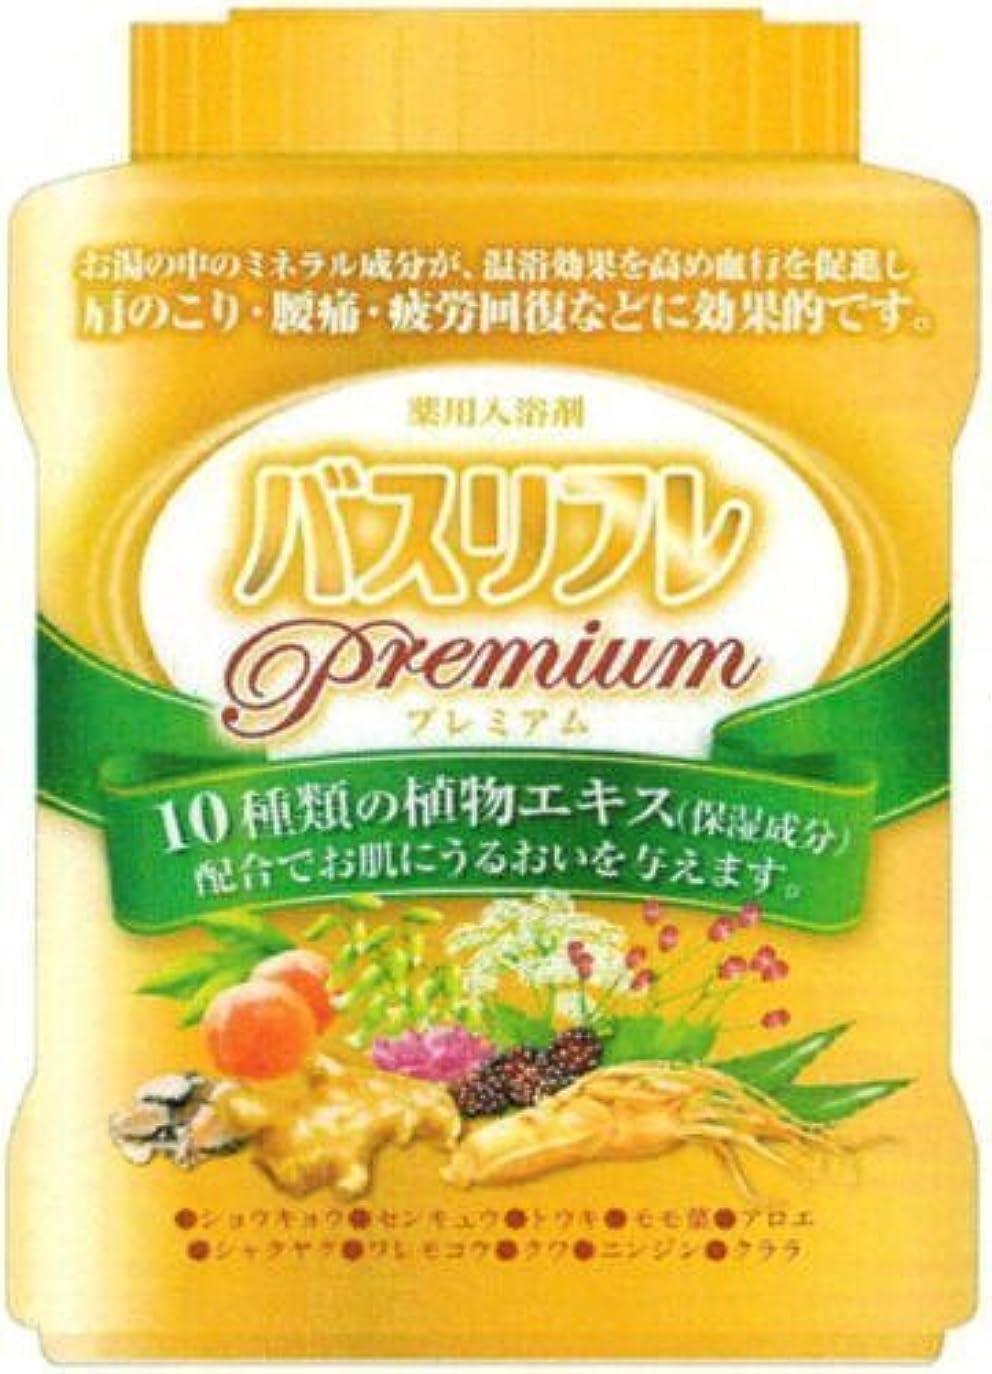 有名人ズームインする枝ライオンケミカル バスリフレ 薬用入浴剤プレミアム 680g Japan